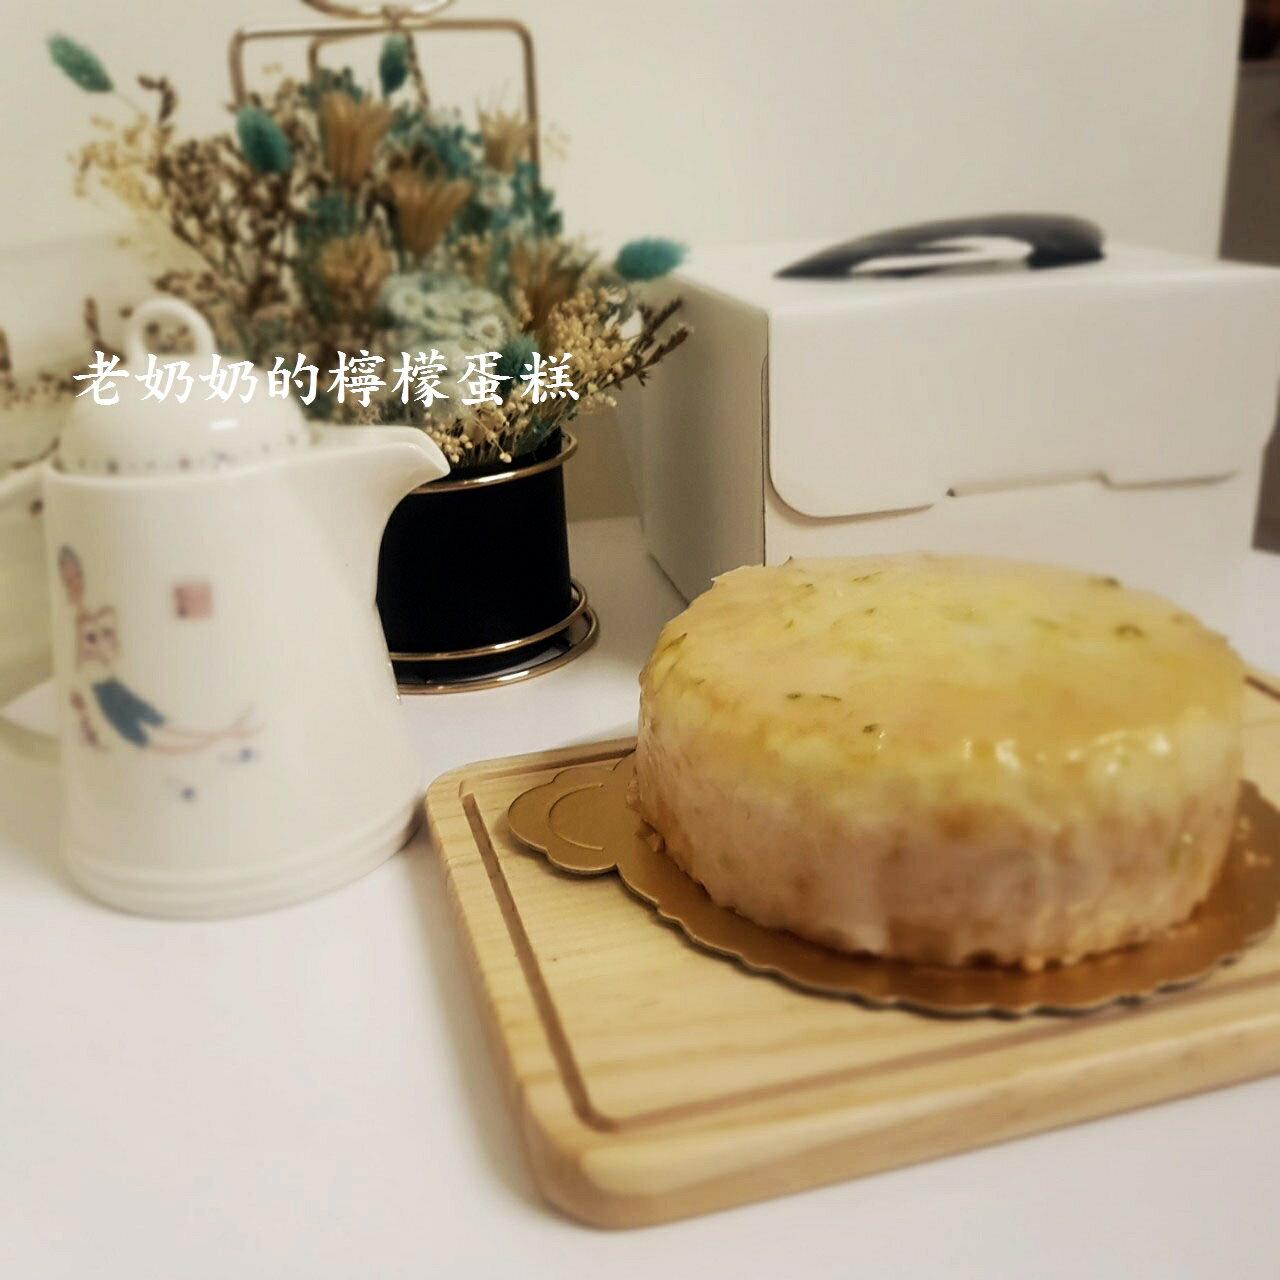 老奶奶檸檬糖霜蛋糕(6吋)   【老婆的乳酪蛋糕】